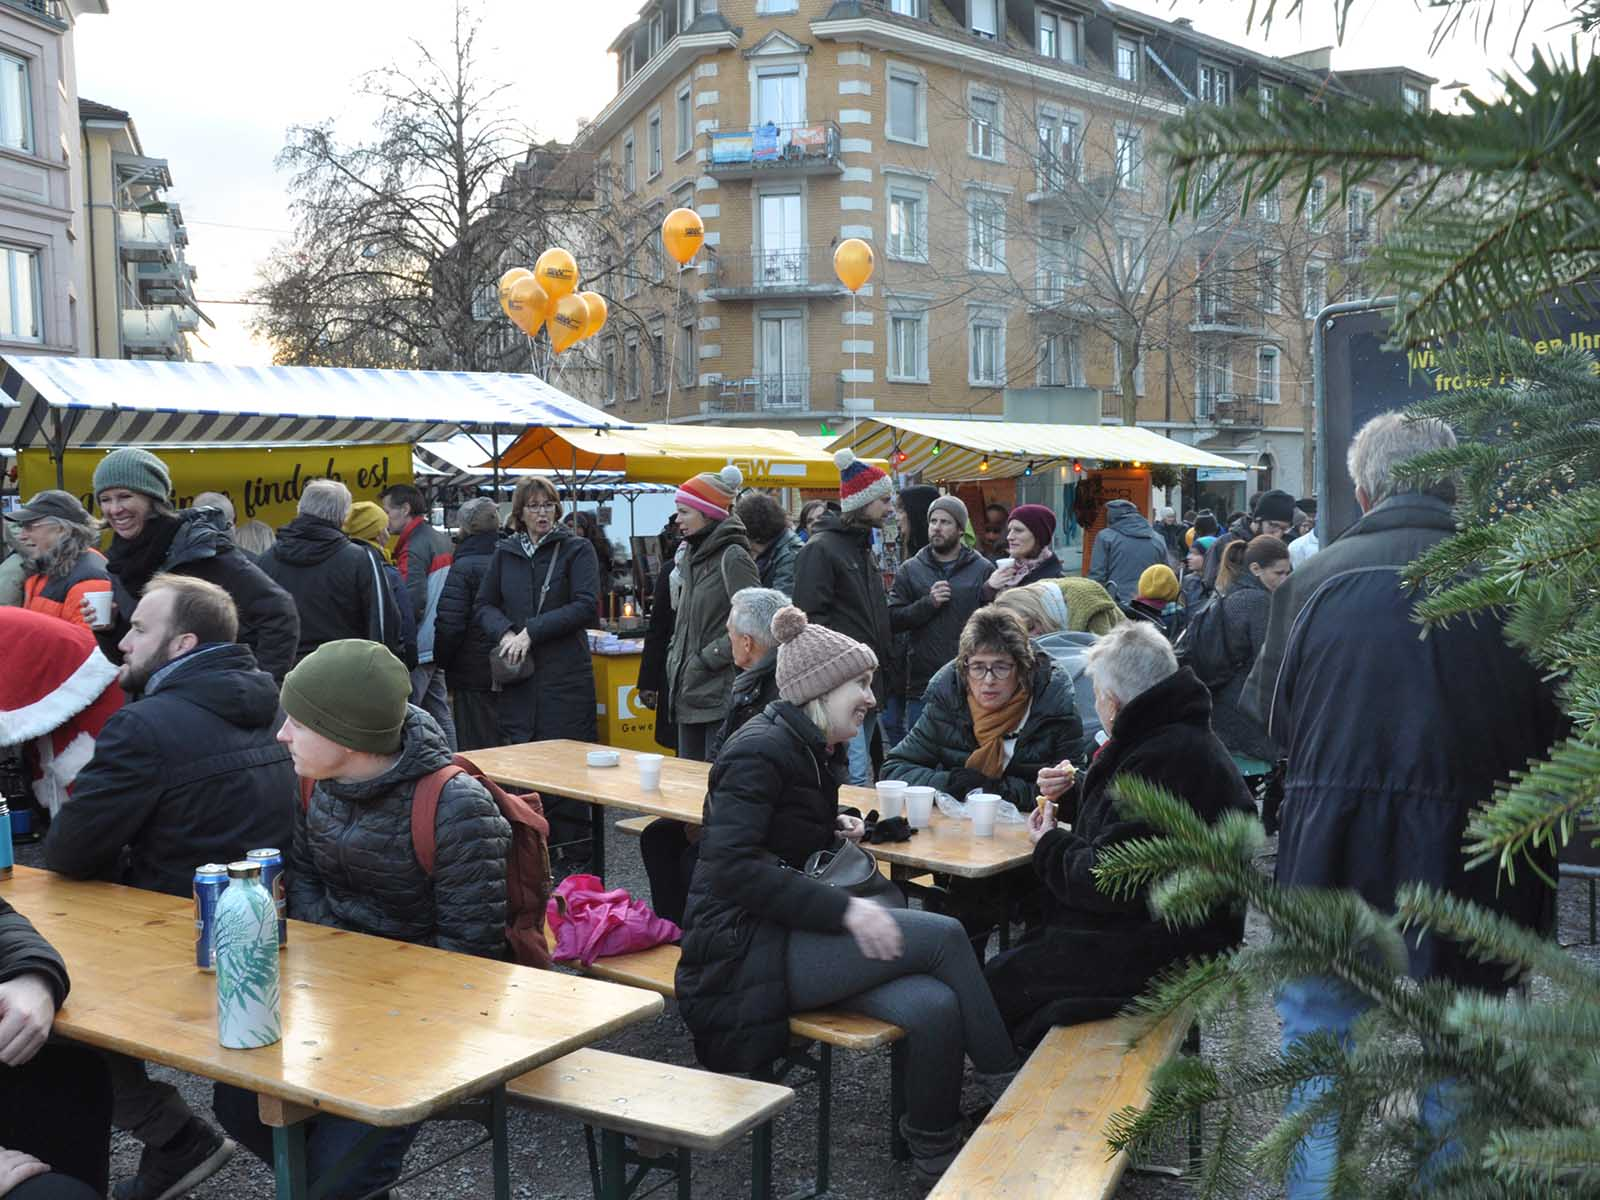 Schöne Stimmung am Weihnachtsmarkt auf dem Röschibachplatz.